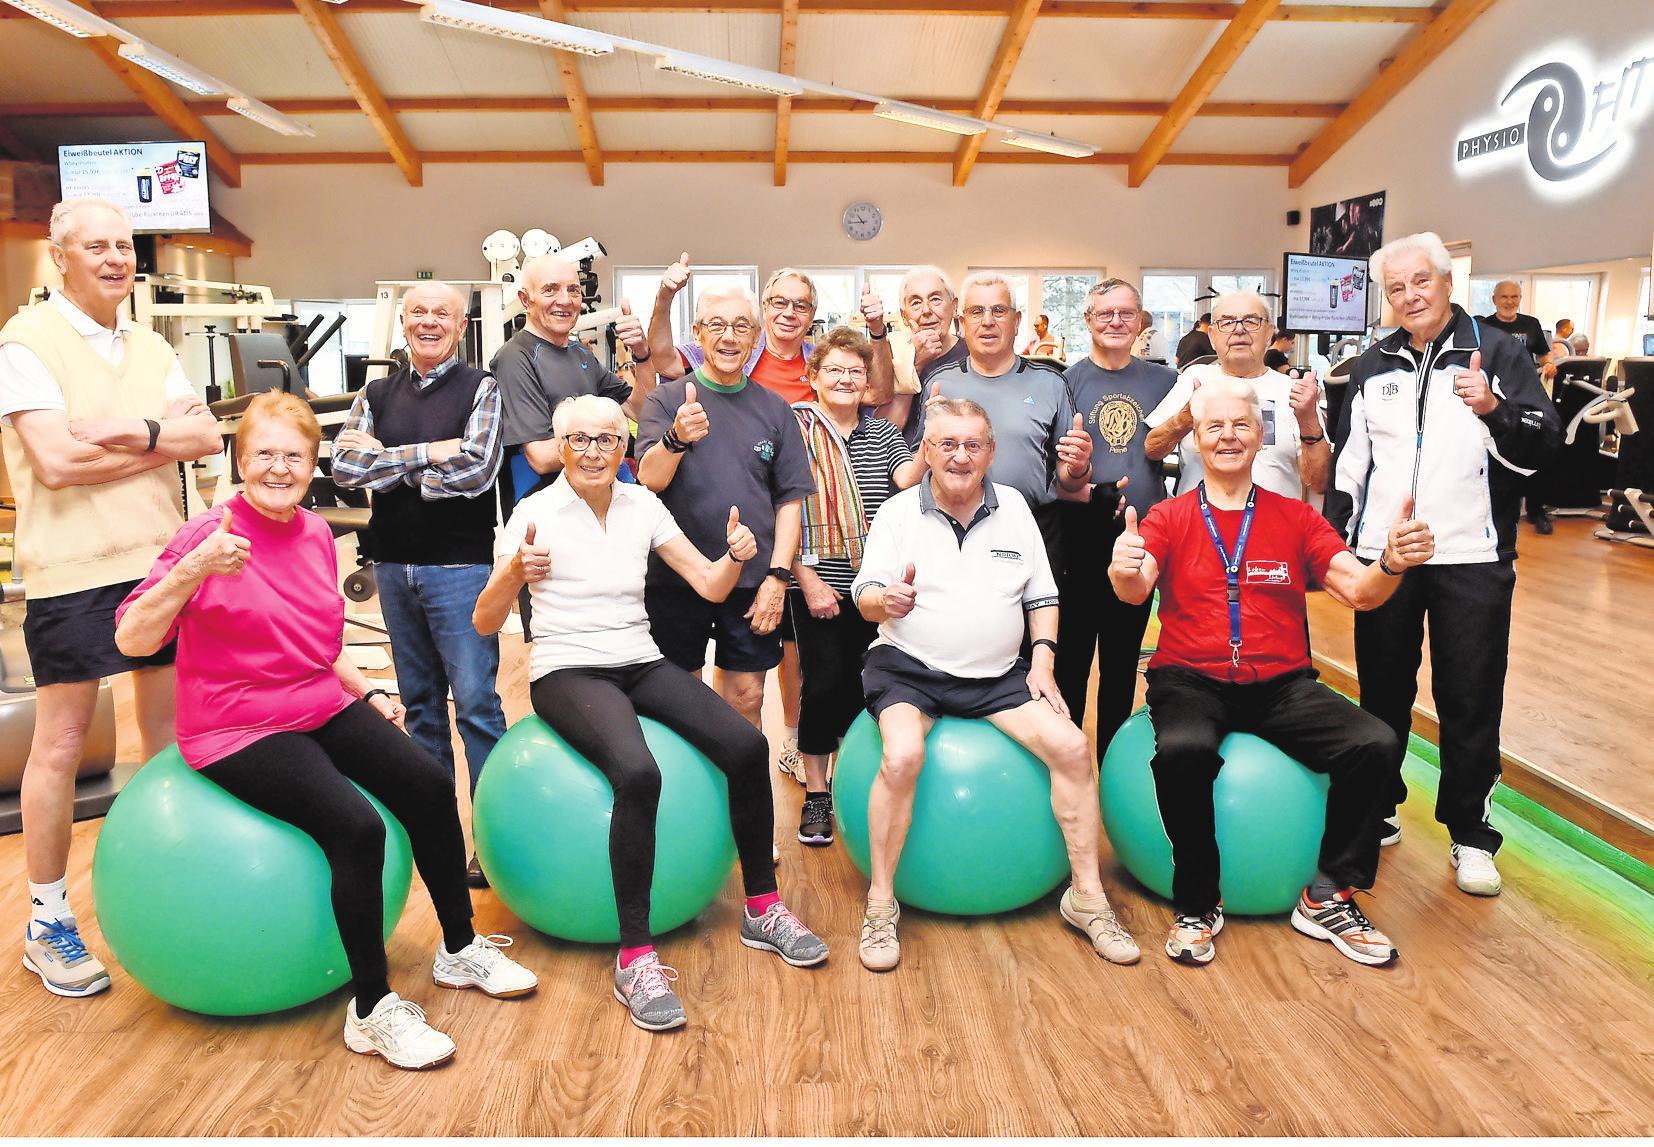 Insgesamt halten sich über vierzig Ü-80-Jährige im PhysioFIT mit Fitnesstraining fit und gesund.